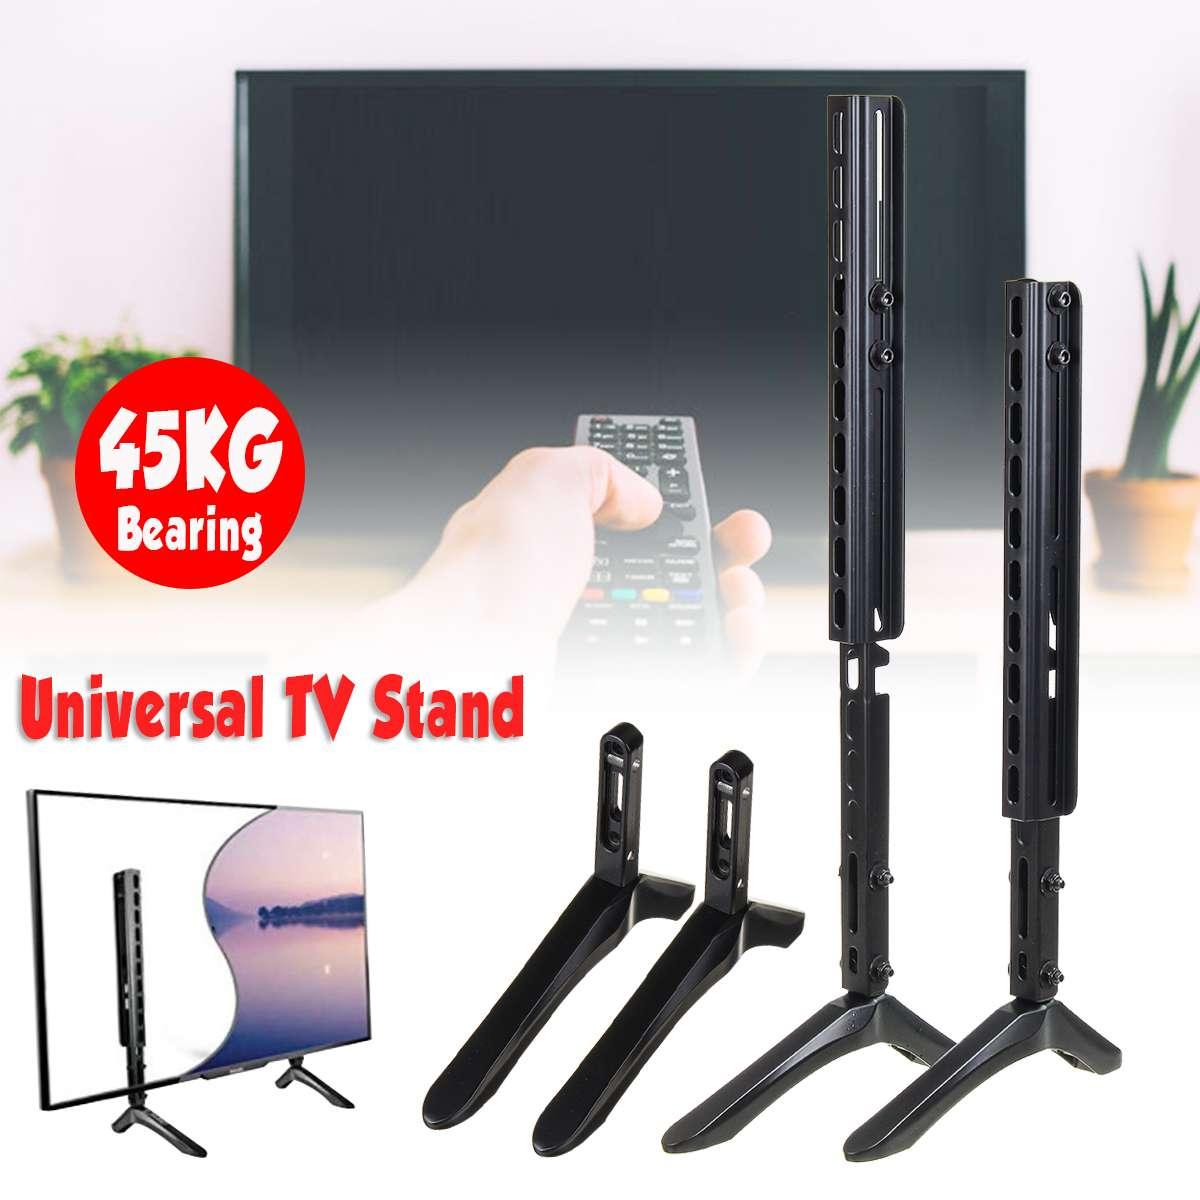 Support de Table TV universel 14-100 pouces Base de support de Table LCD écran plat support de piédestal de Table jusqu'à 45 KG installation facile de fer